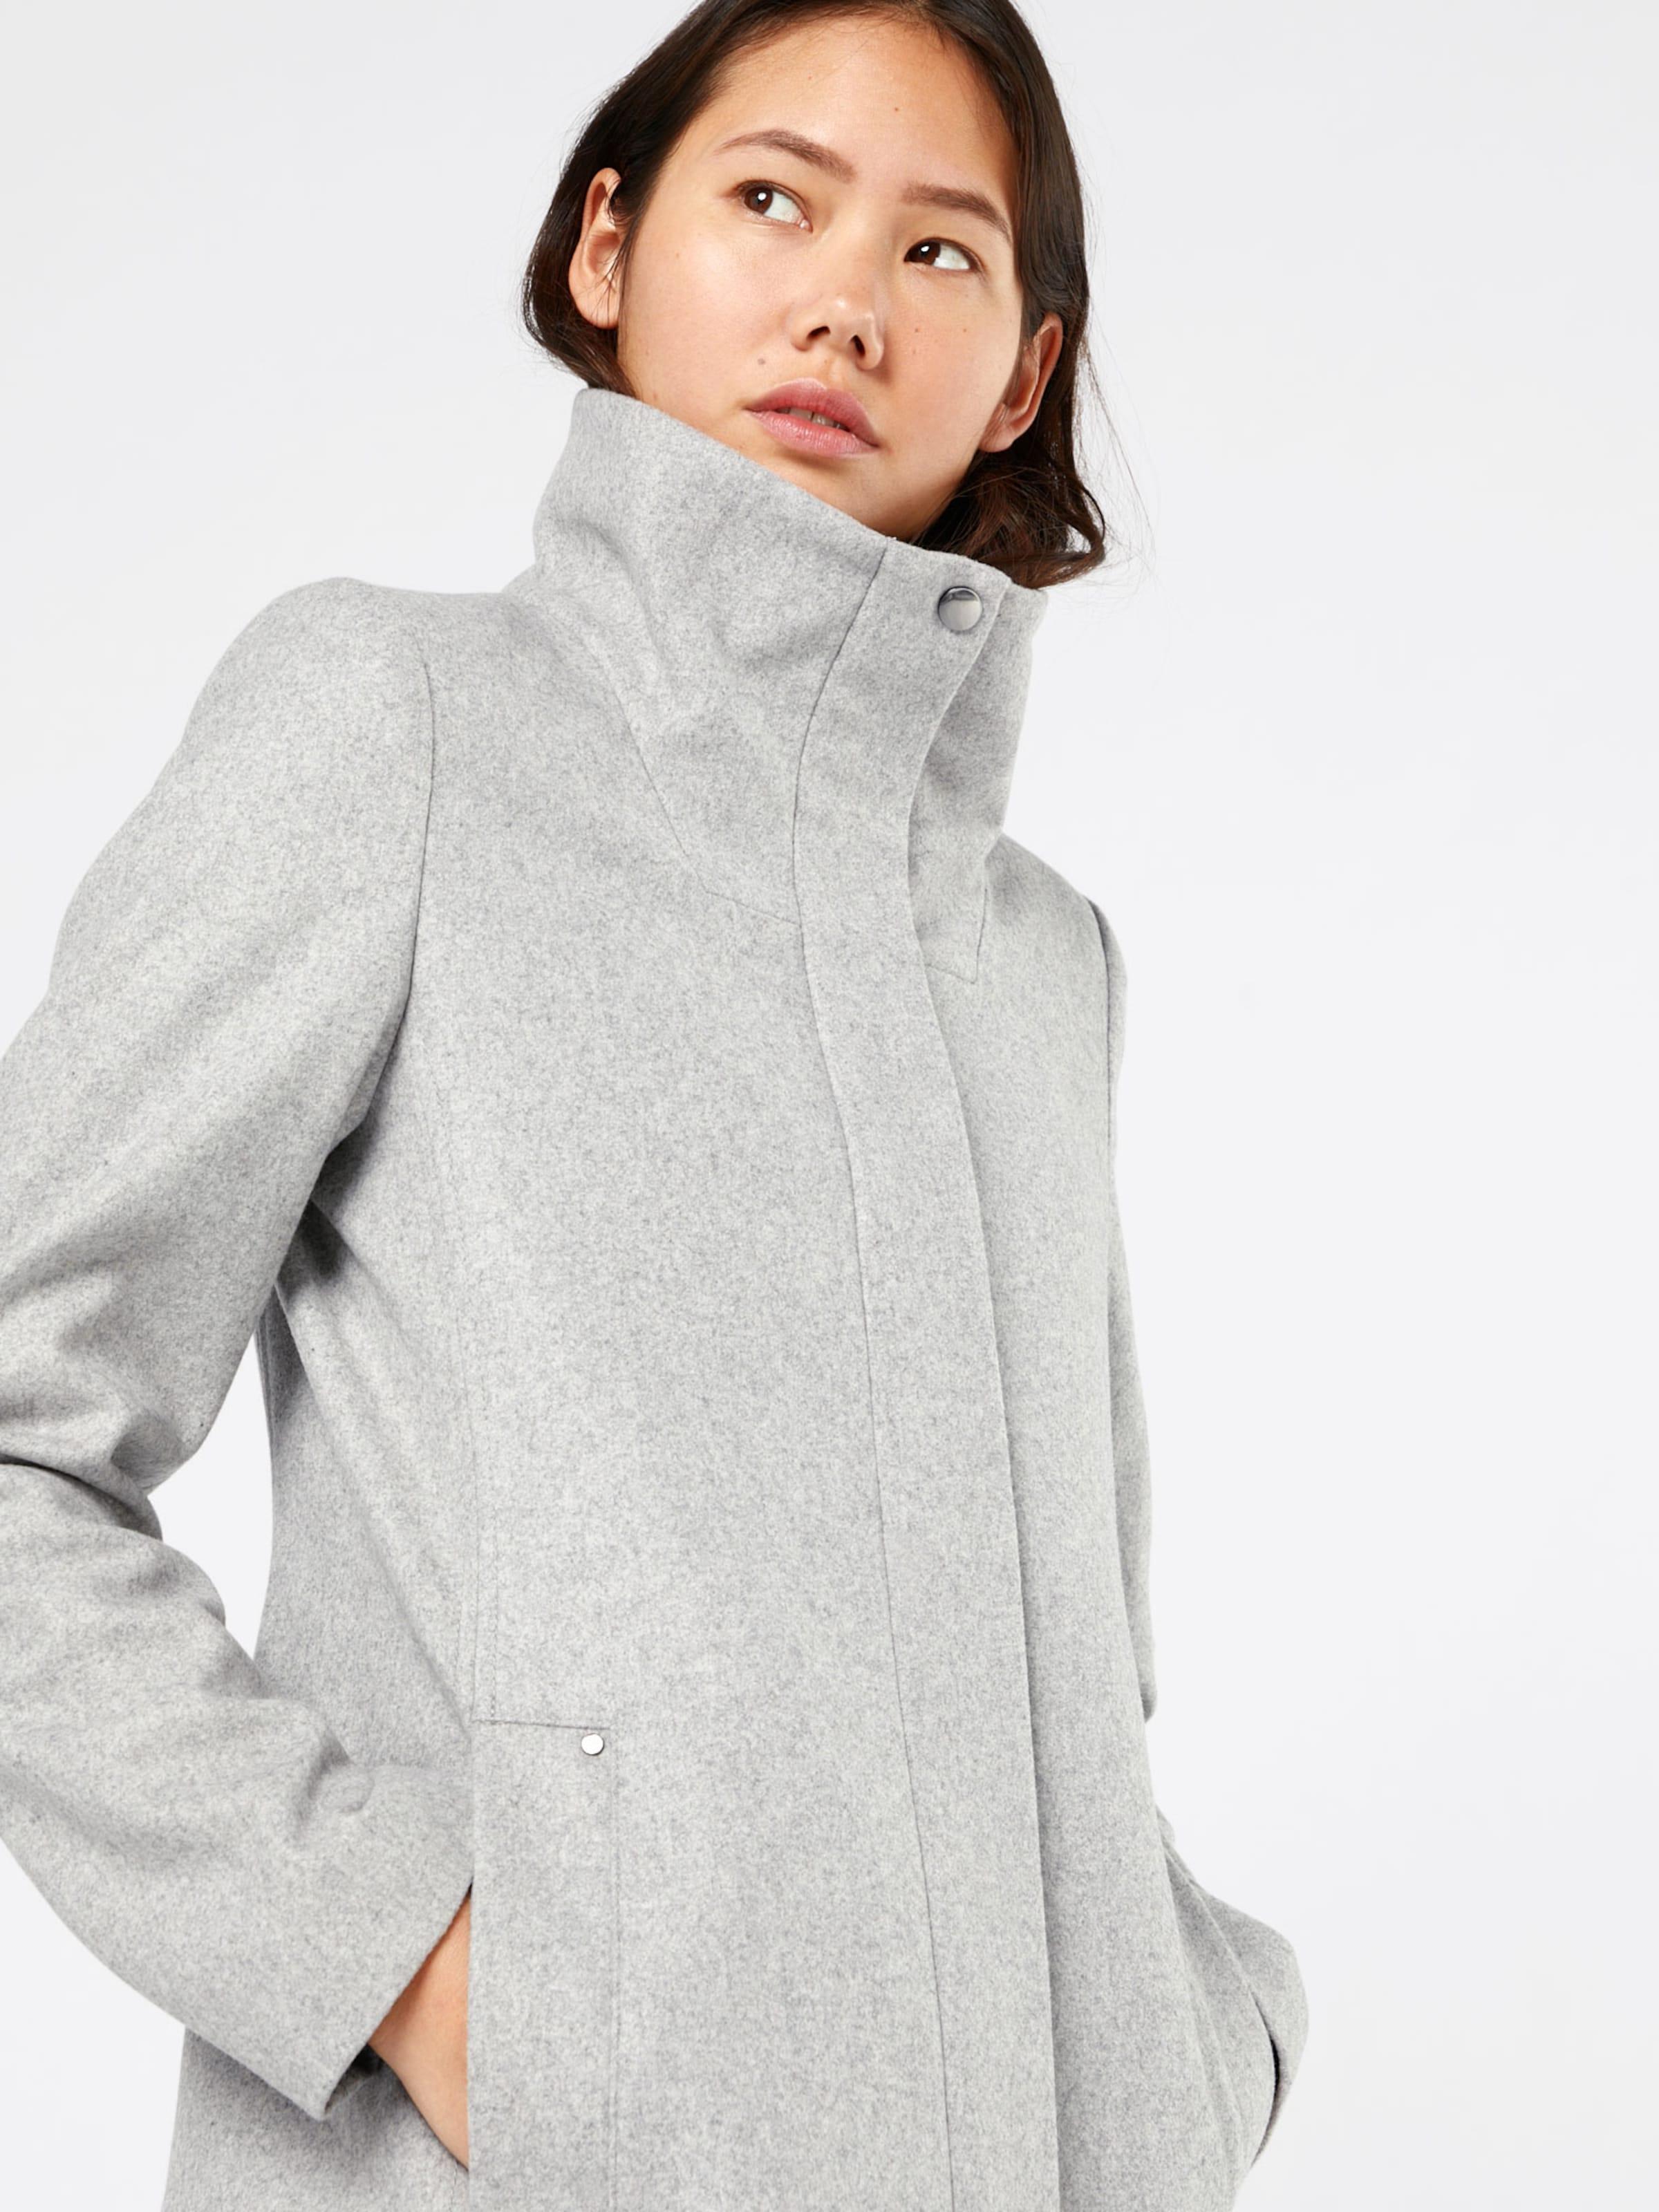 ESPRIT Wollmantel 'Wool Coat' Spielraum Online Offizielle Seite X6yfDmV